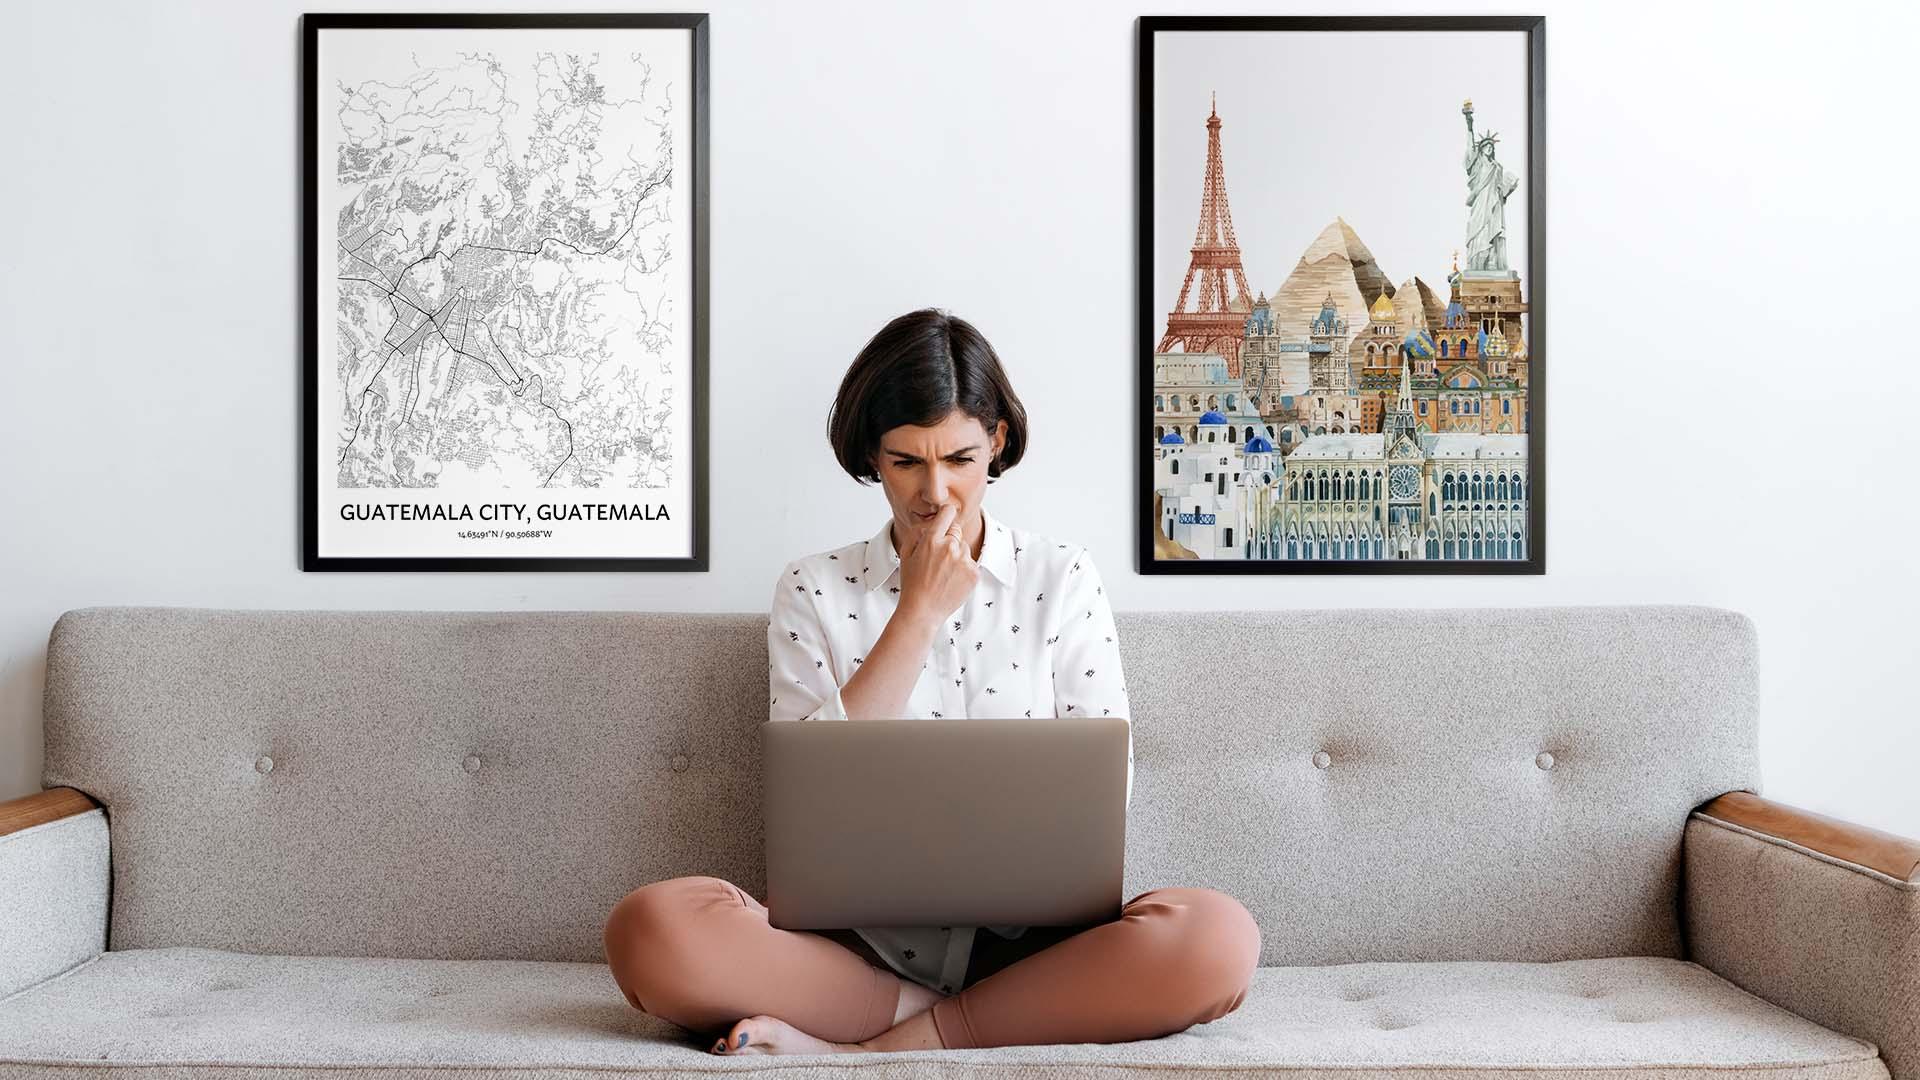 Guatemala City city map art